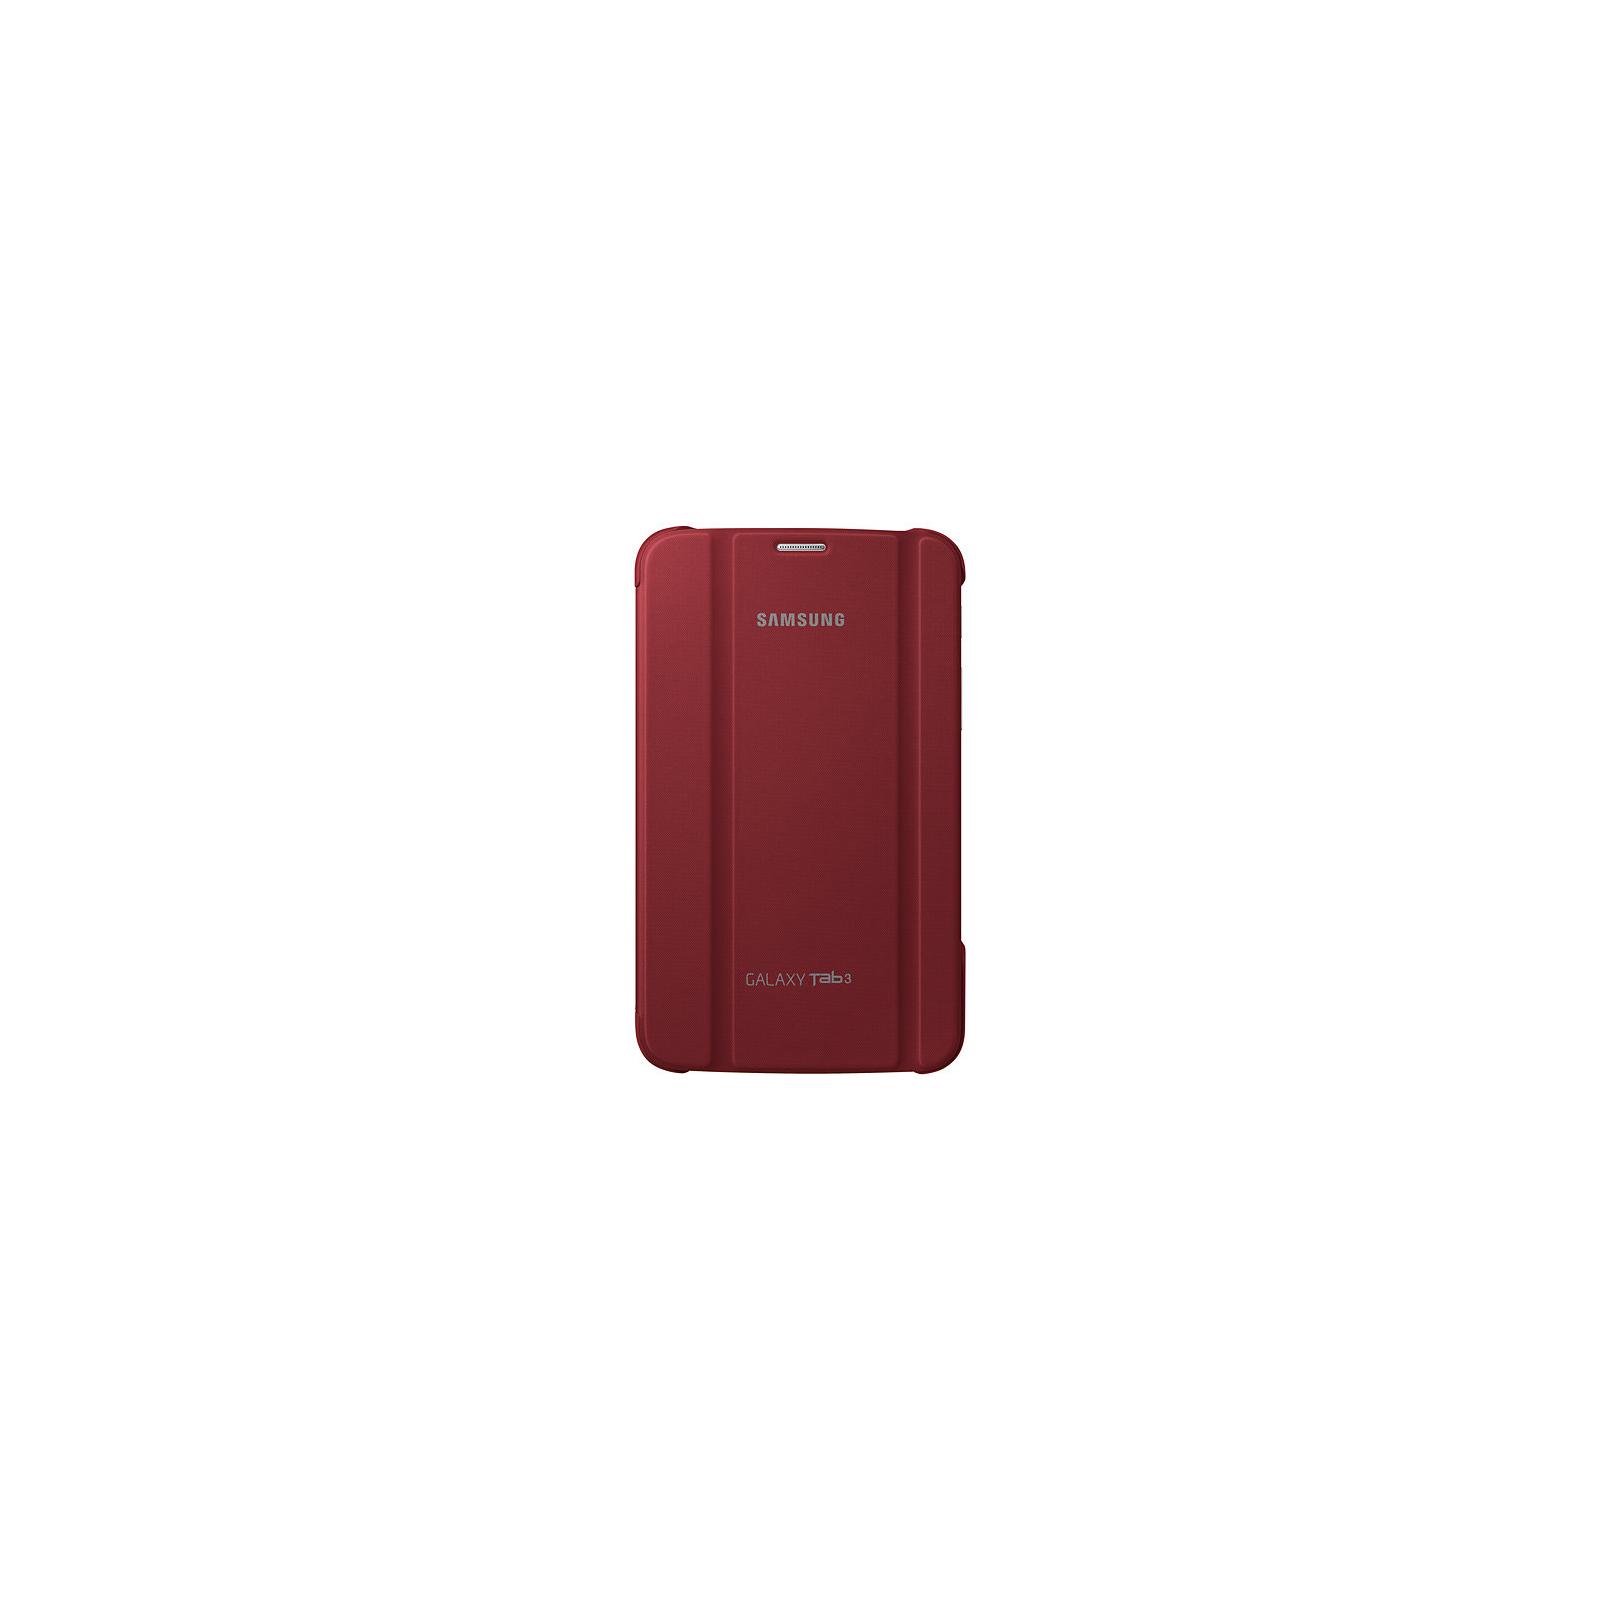 Чехол для планшета Samsung 7 GALAXY Tab 3 (EF-BT210BREGRU)